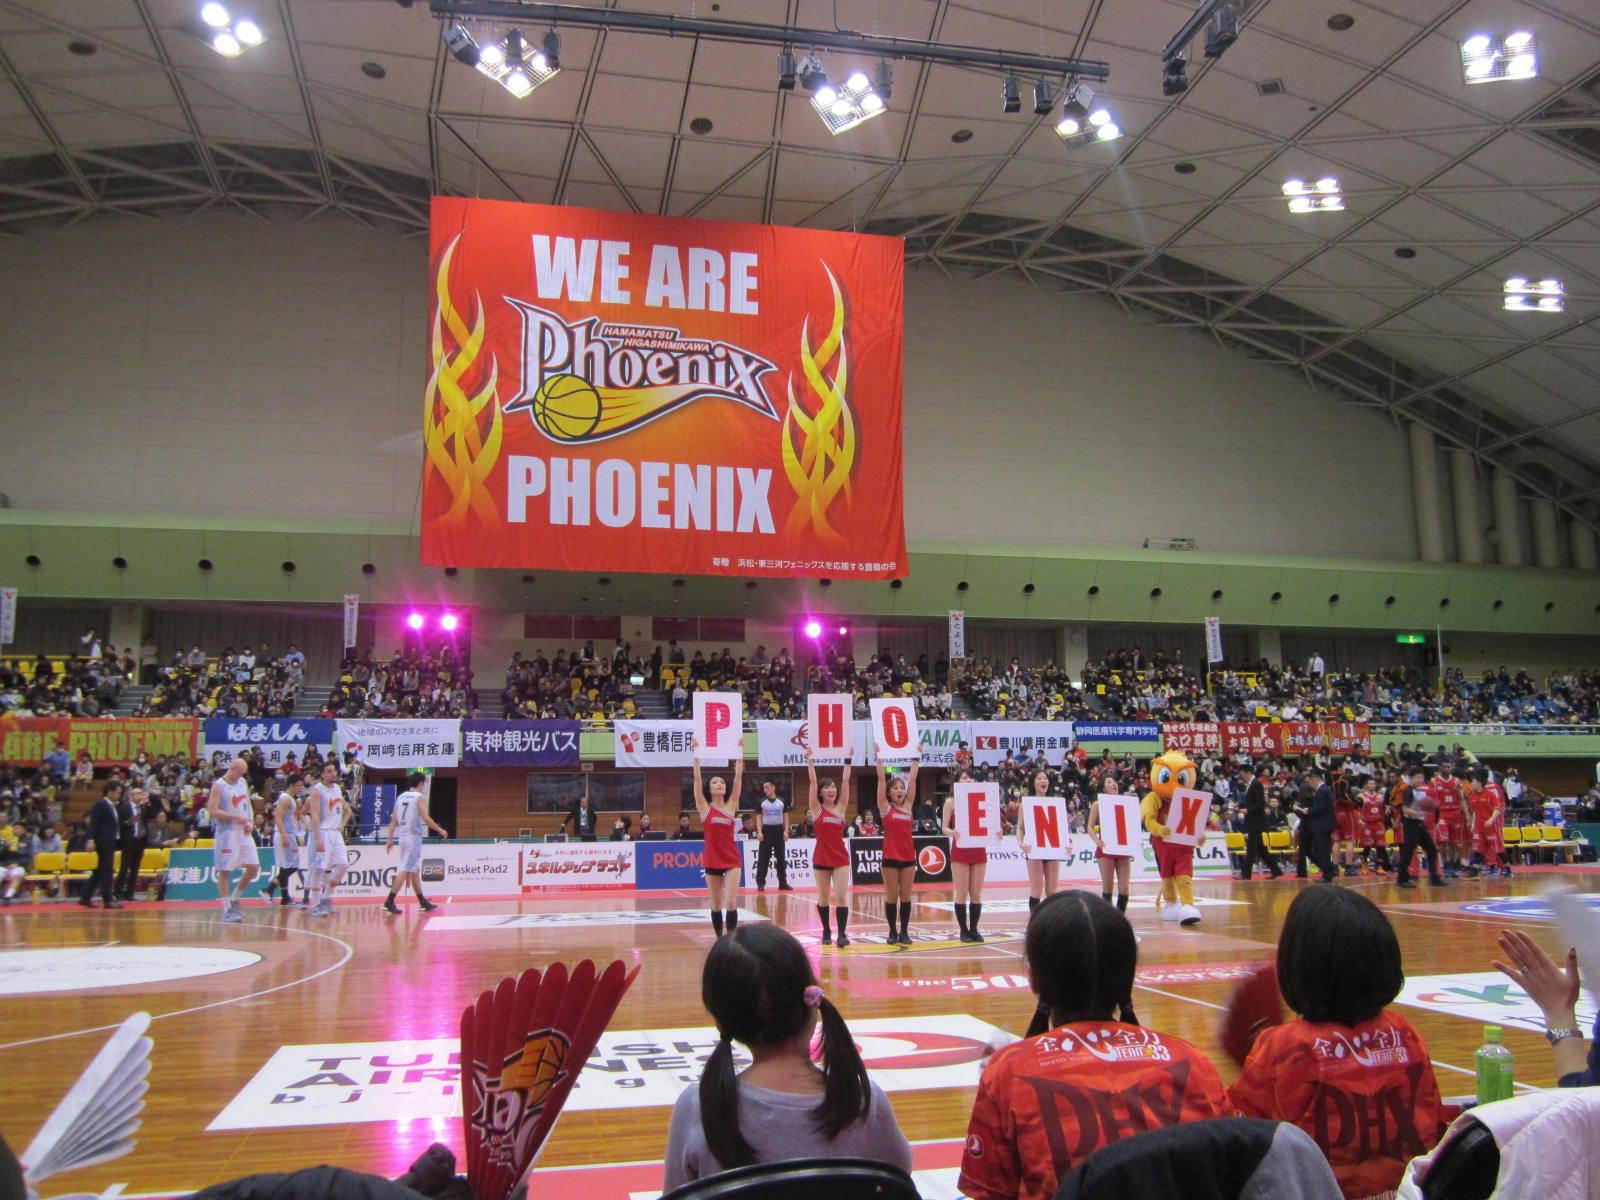 浜松・東三河フェニックス戦_c0189426_11205009.jpg